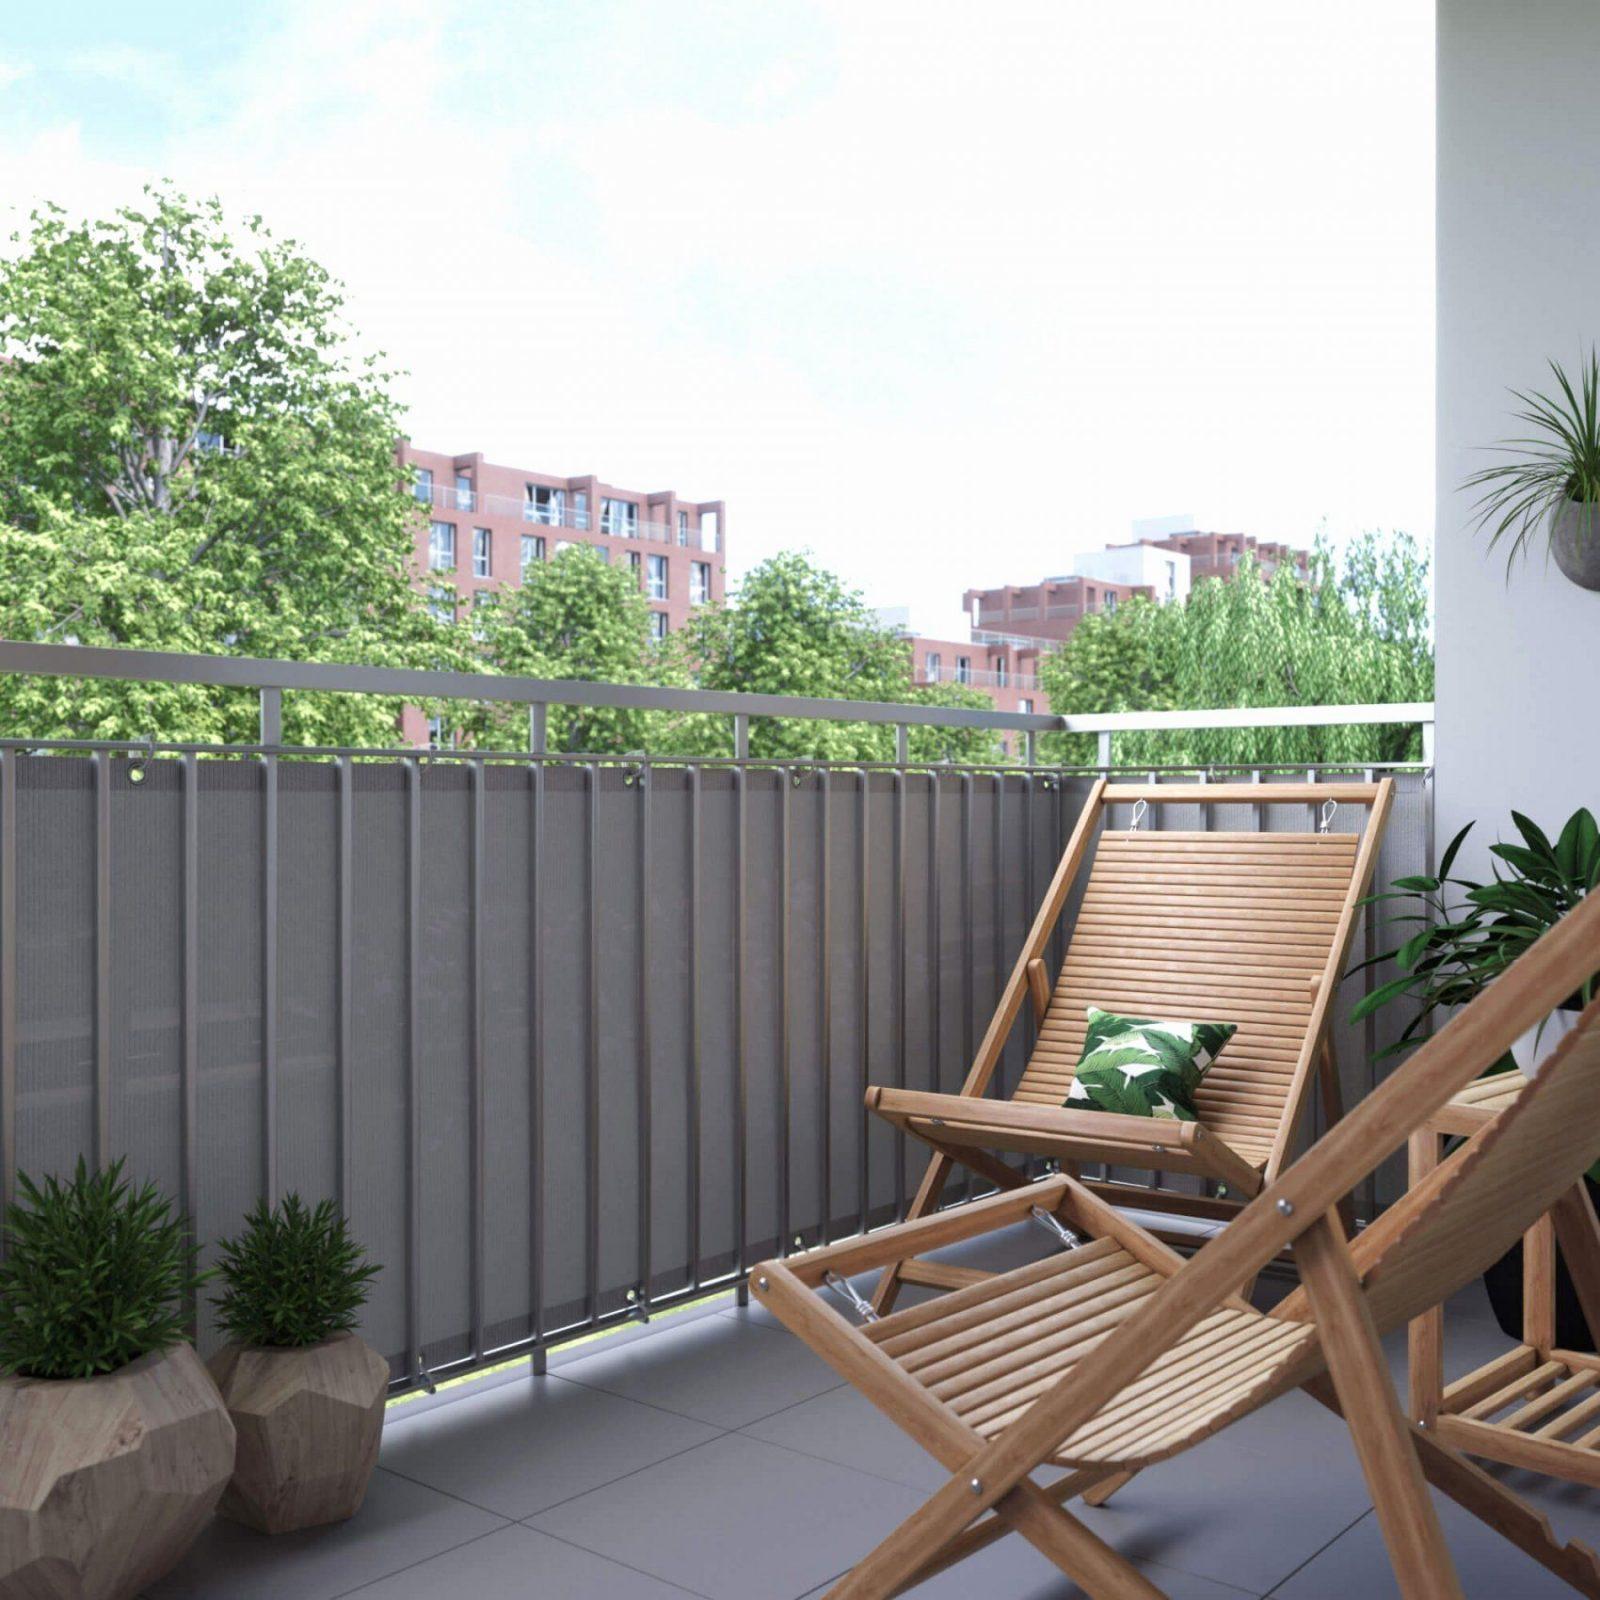 Sichtschutz Terrasse Bambus Luxus Sichtschutz Balkone 35 Neueste Von